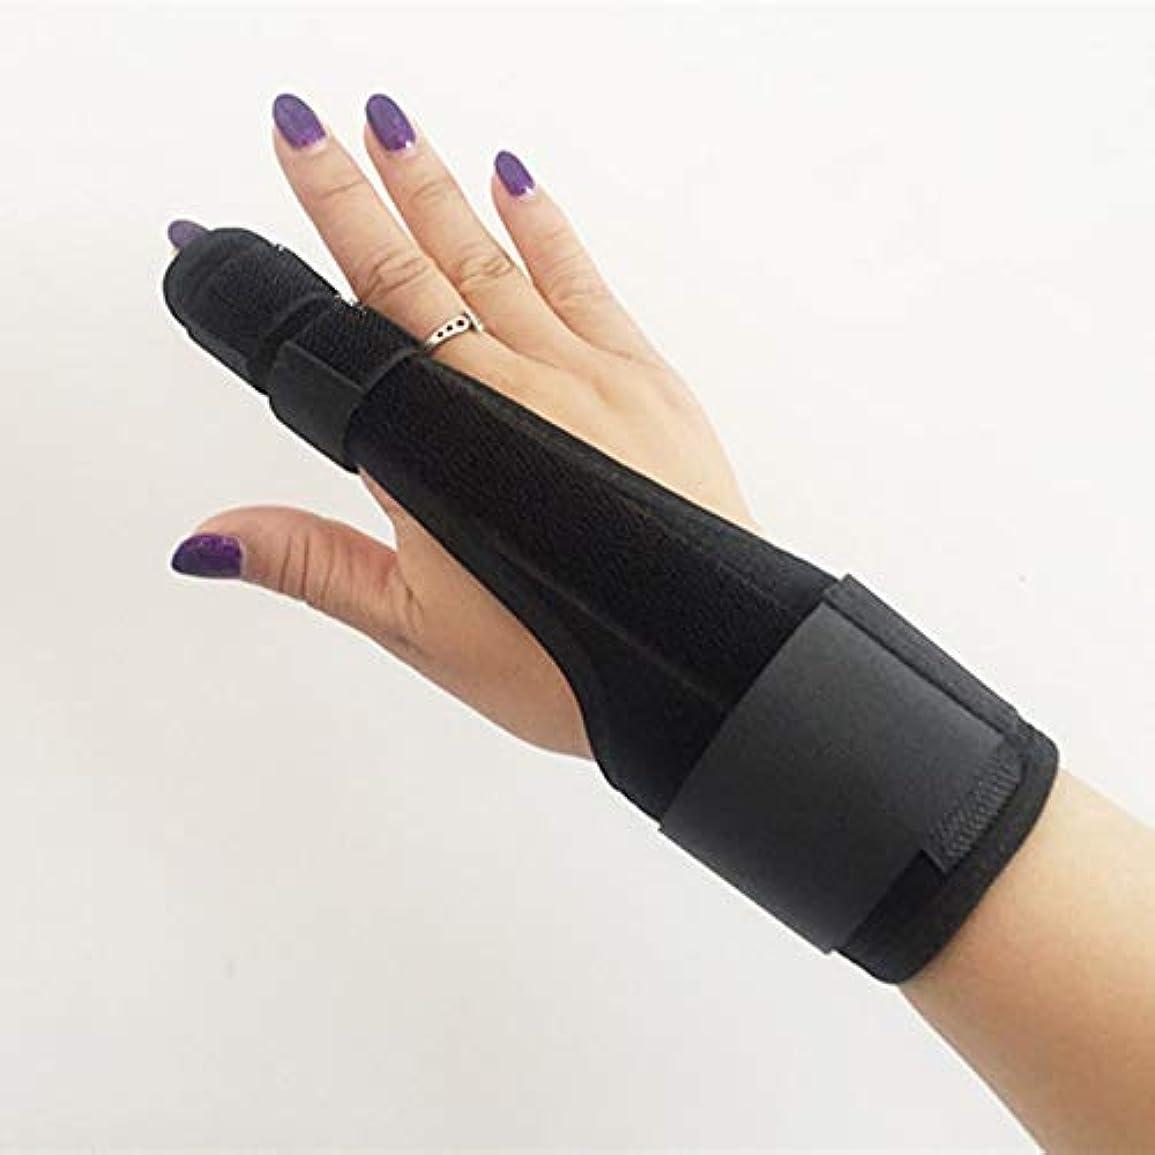 不当見分ける名目上のZYL-YL 保護スリーブシースシース保護ギヤとプレート指指人差し指捻挫介護支援中手骨折固定指のスプリント (Edition : Right)